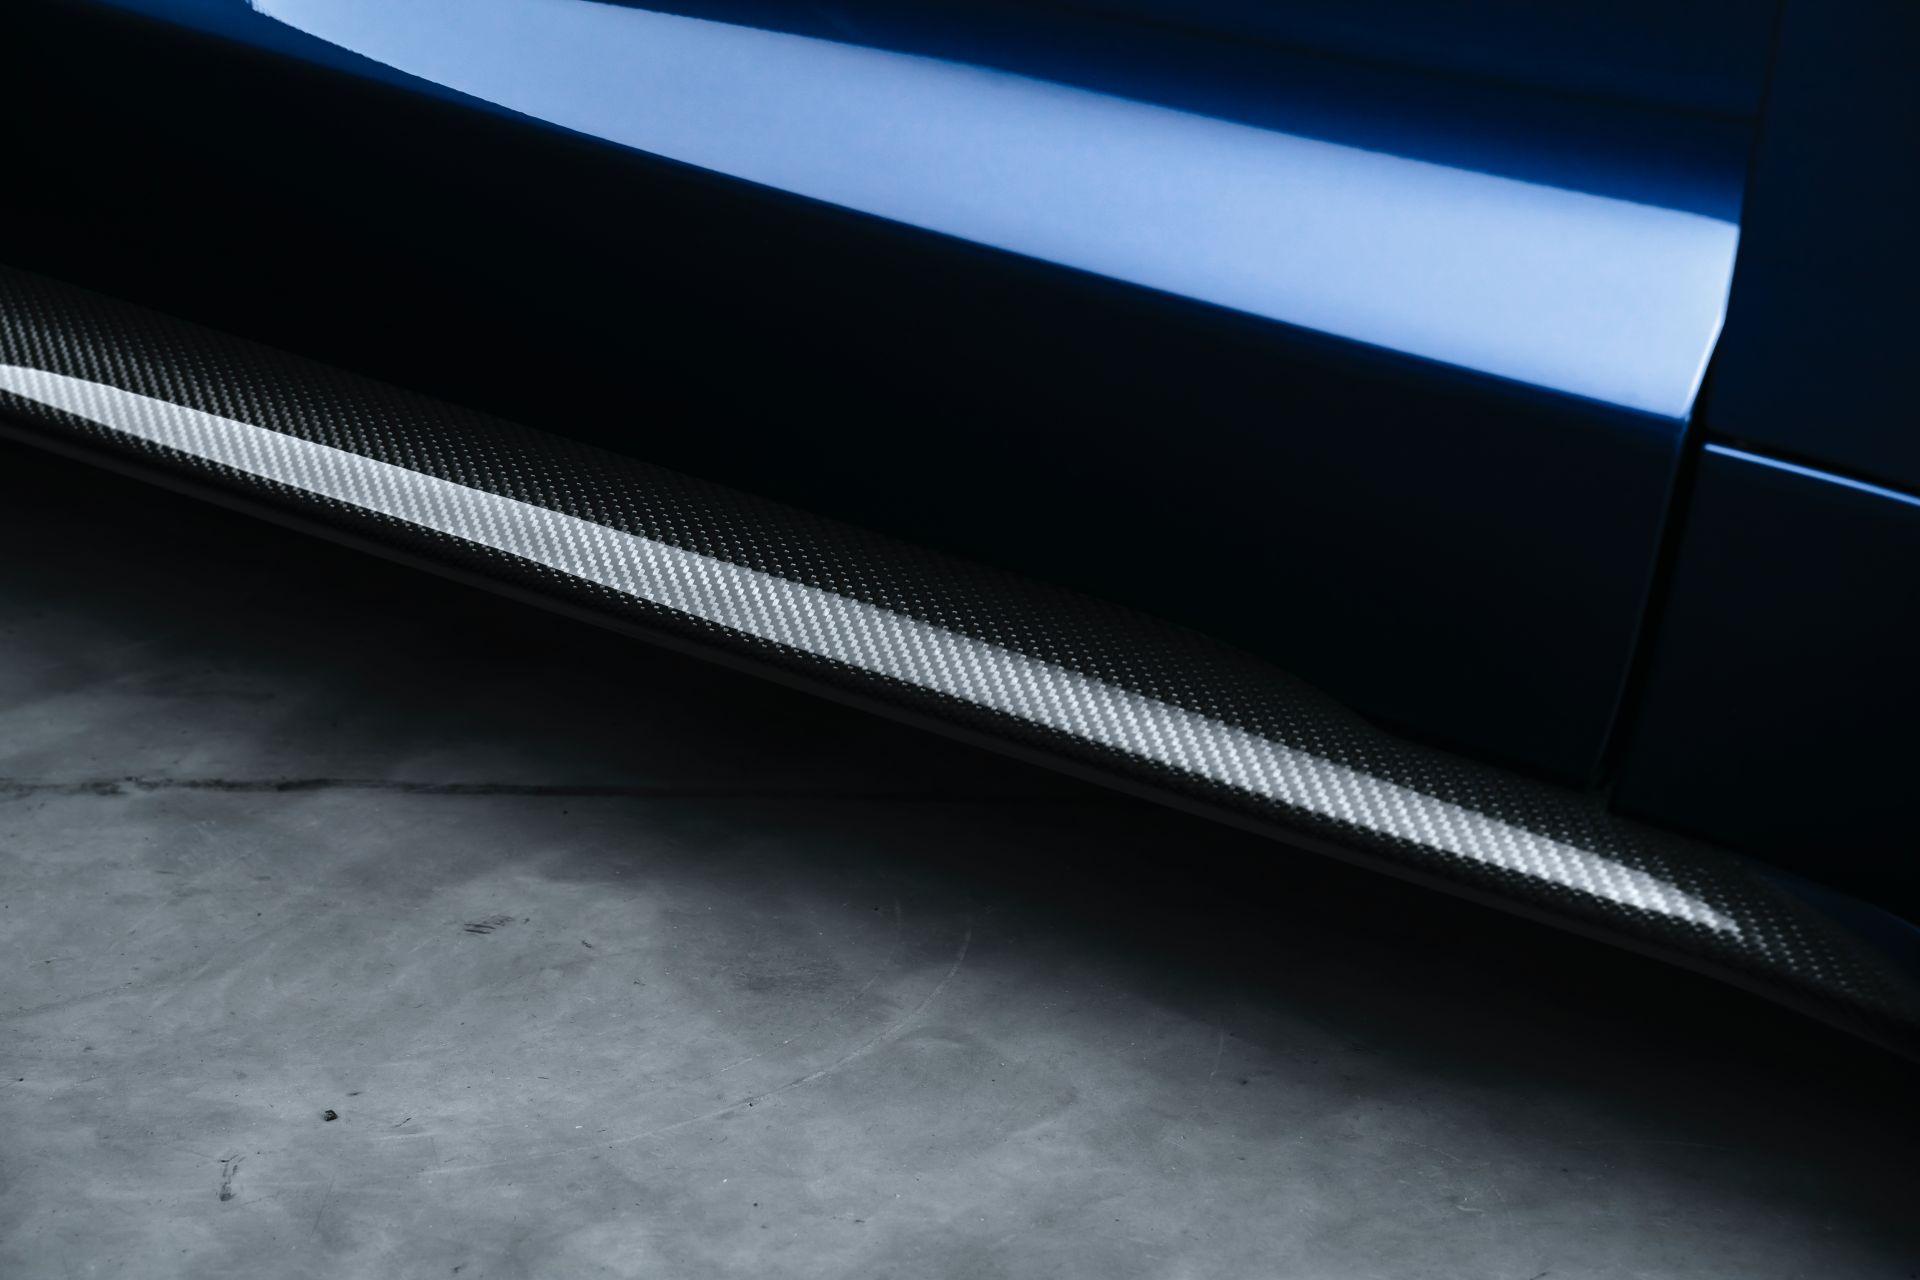 Porsche-Taycan-by-Zyrus-Engineering-5